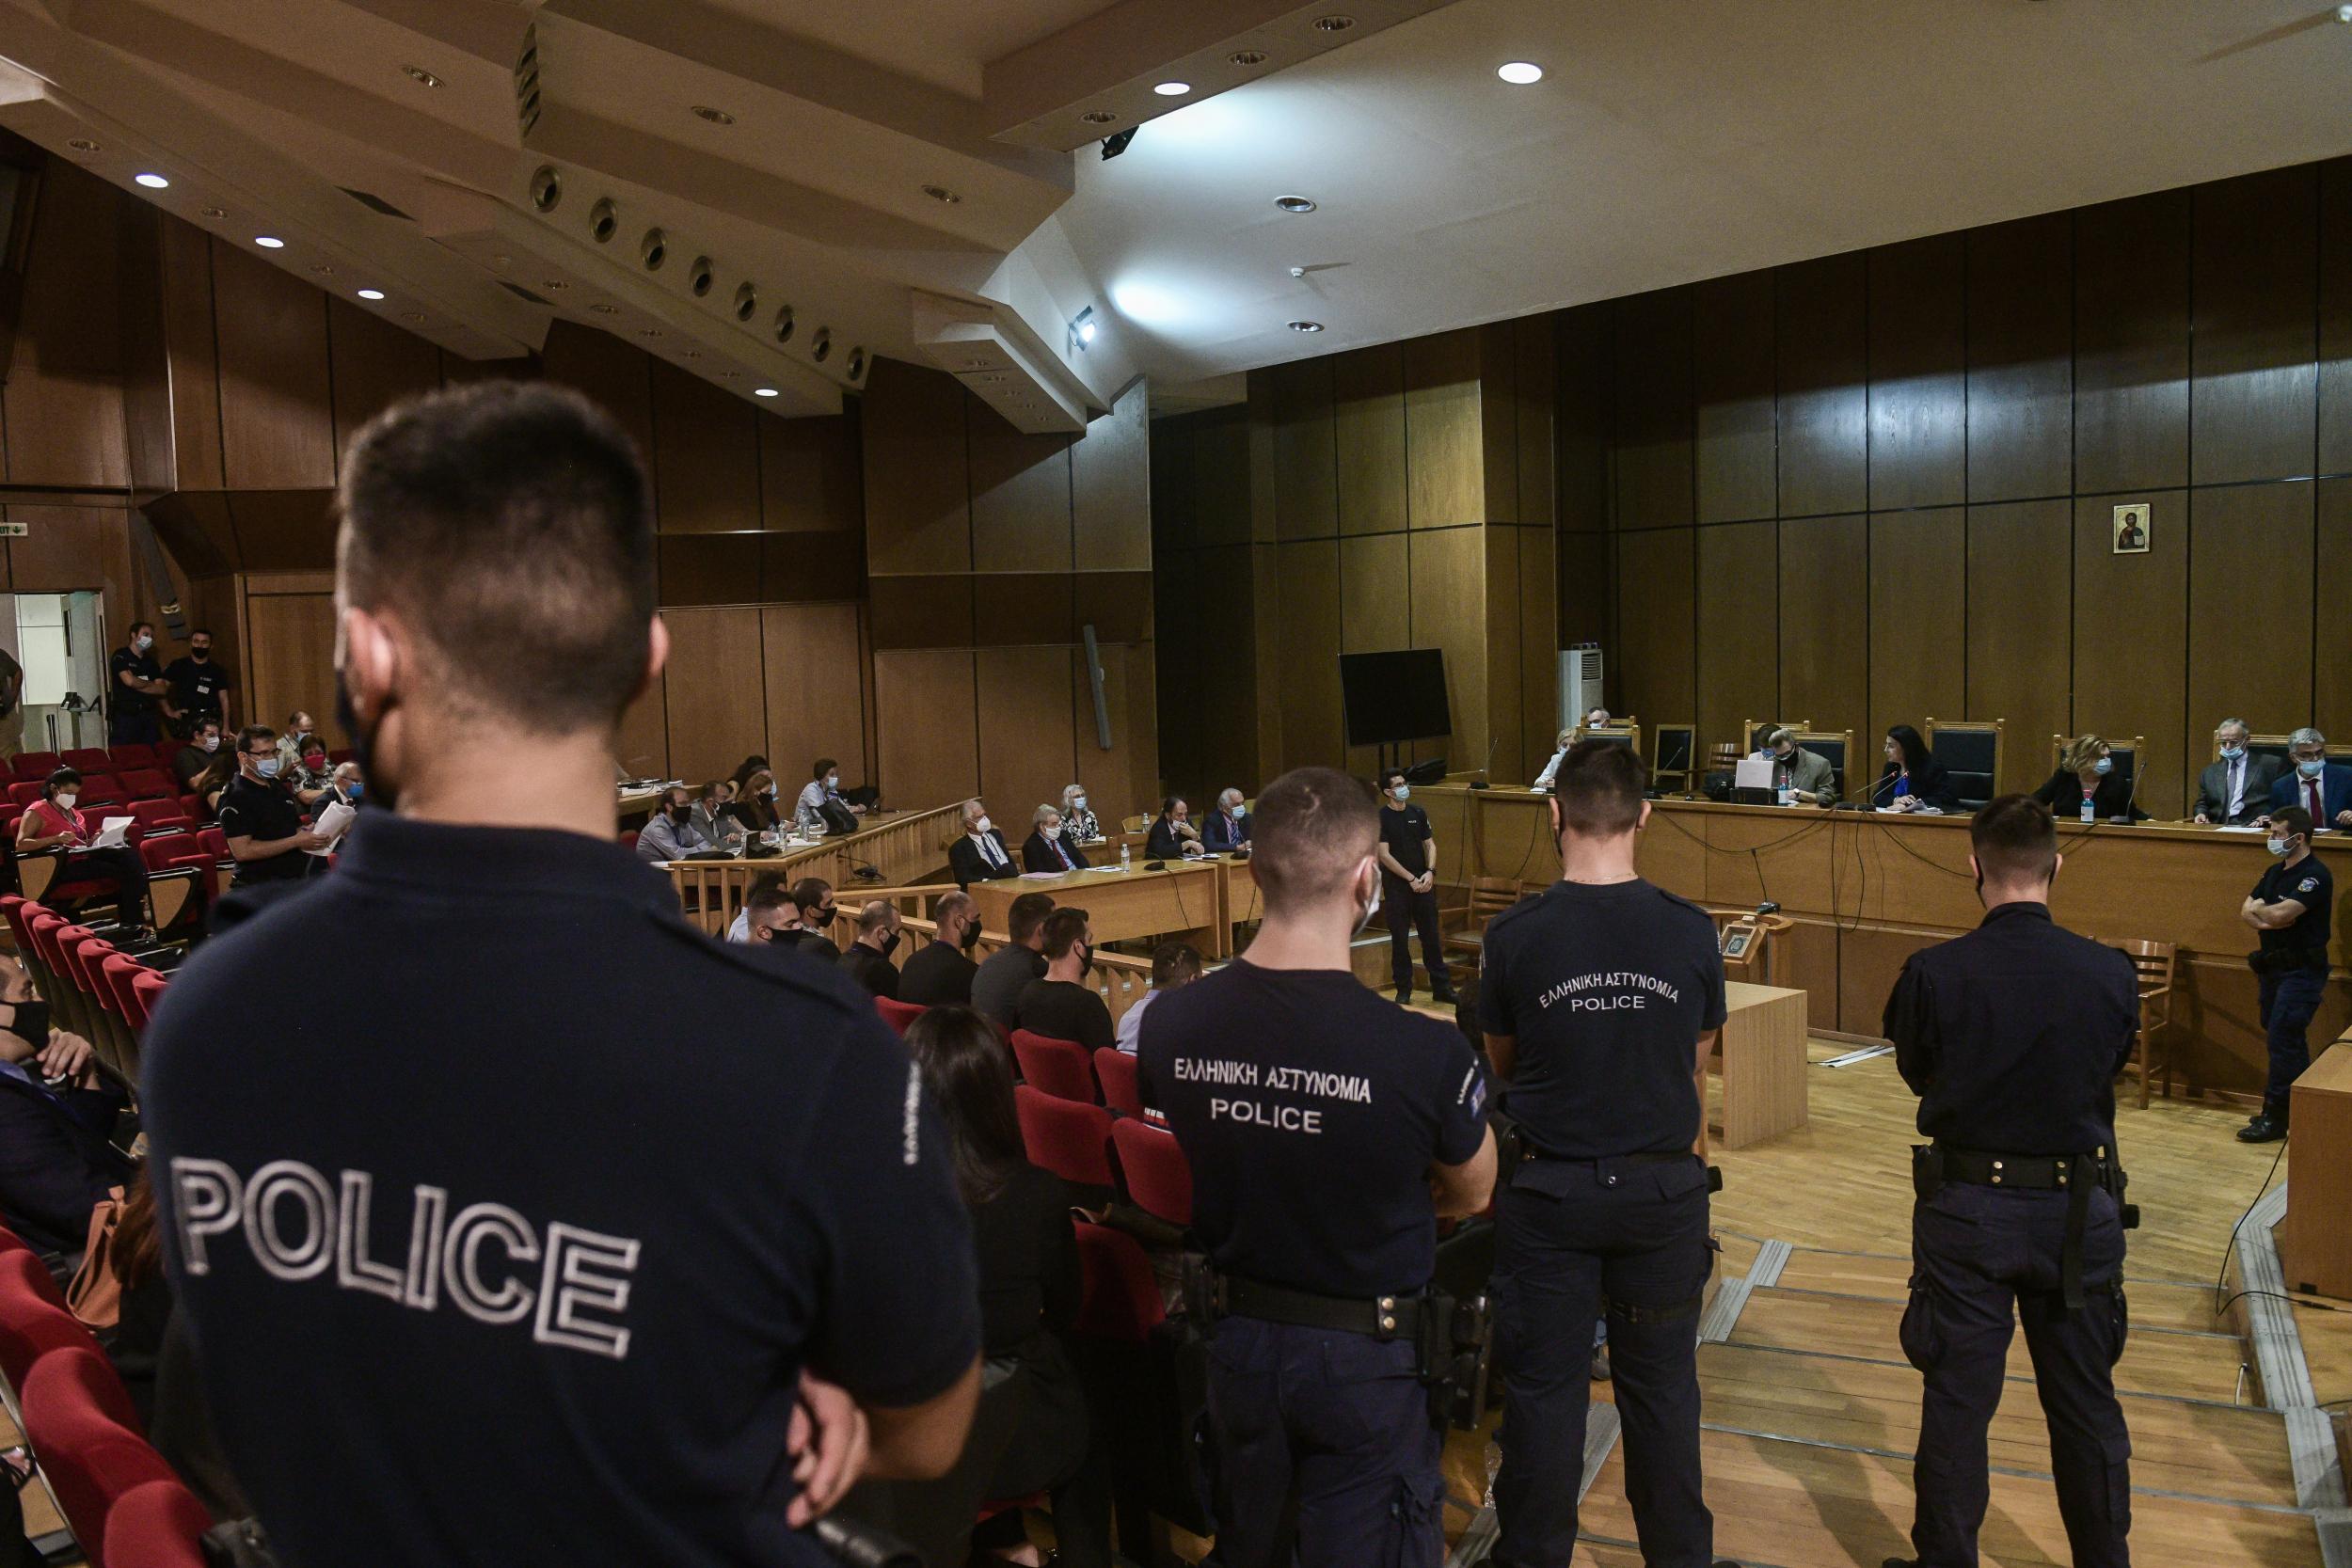 Έτοιμη η ΕΛ.ΑΣ. για συλλήψεις στελεχών της Χρυσής Αυγής, αν χρειαστεί | LiFO